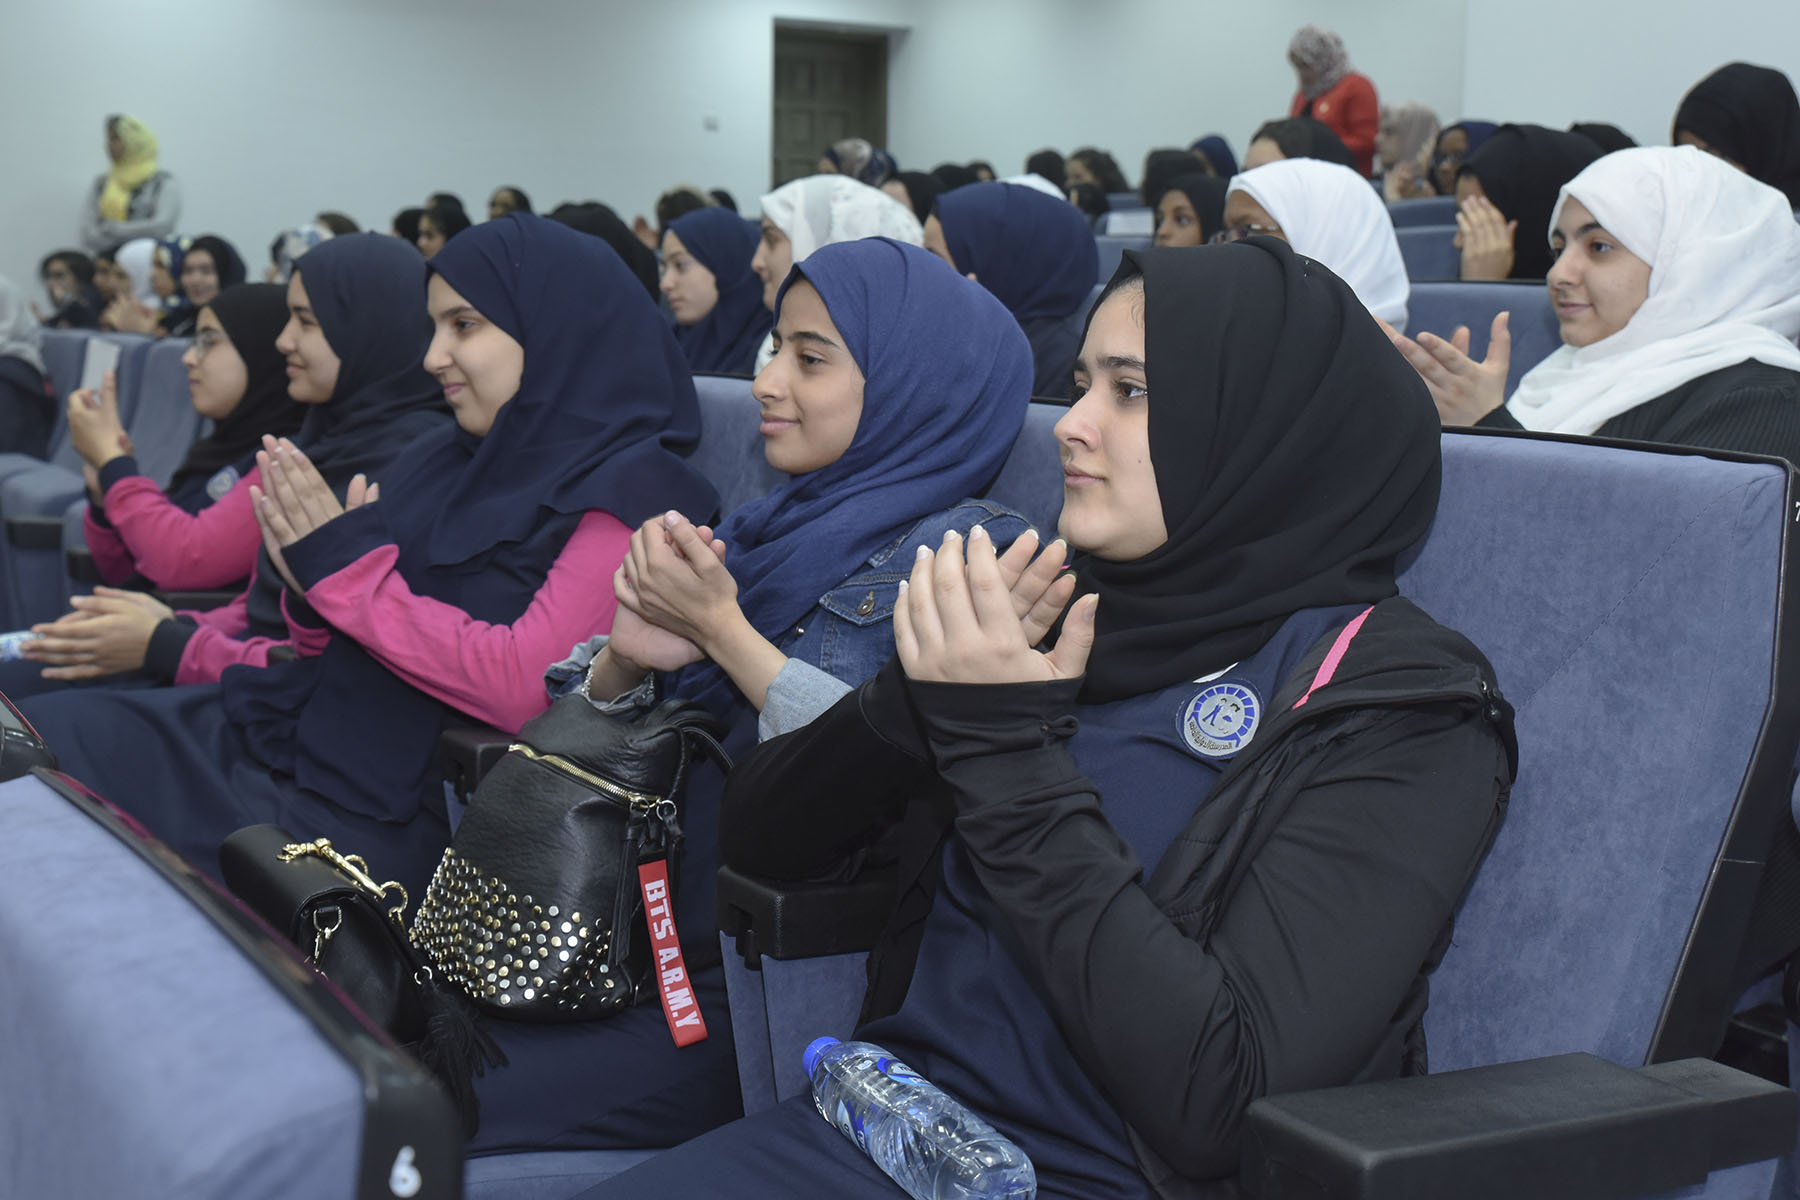 اليوم السابع (أكاديمية الخليج الدولية الخاصة ضد المدرسة الدولية الخاصة)